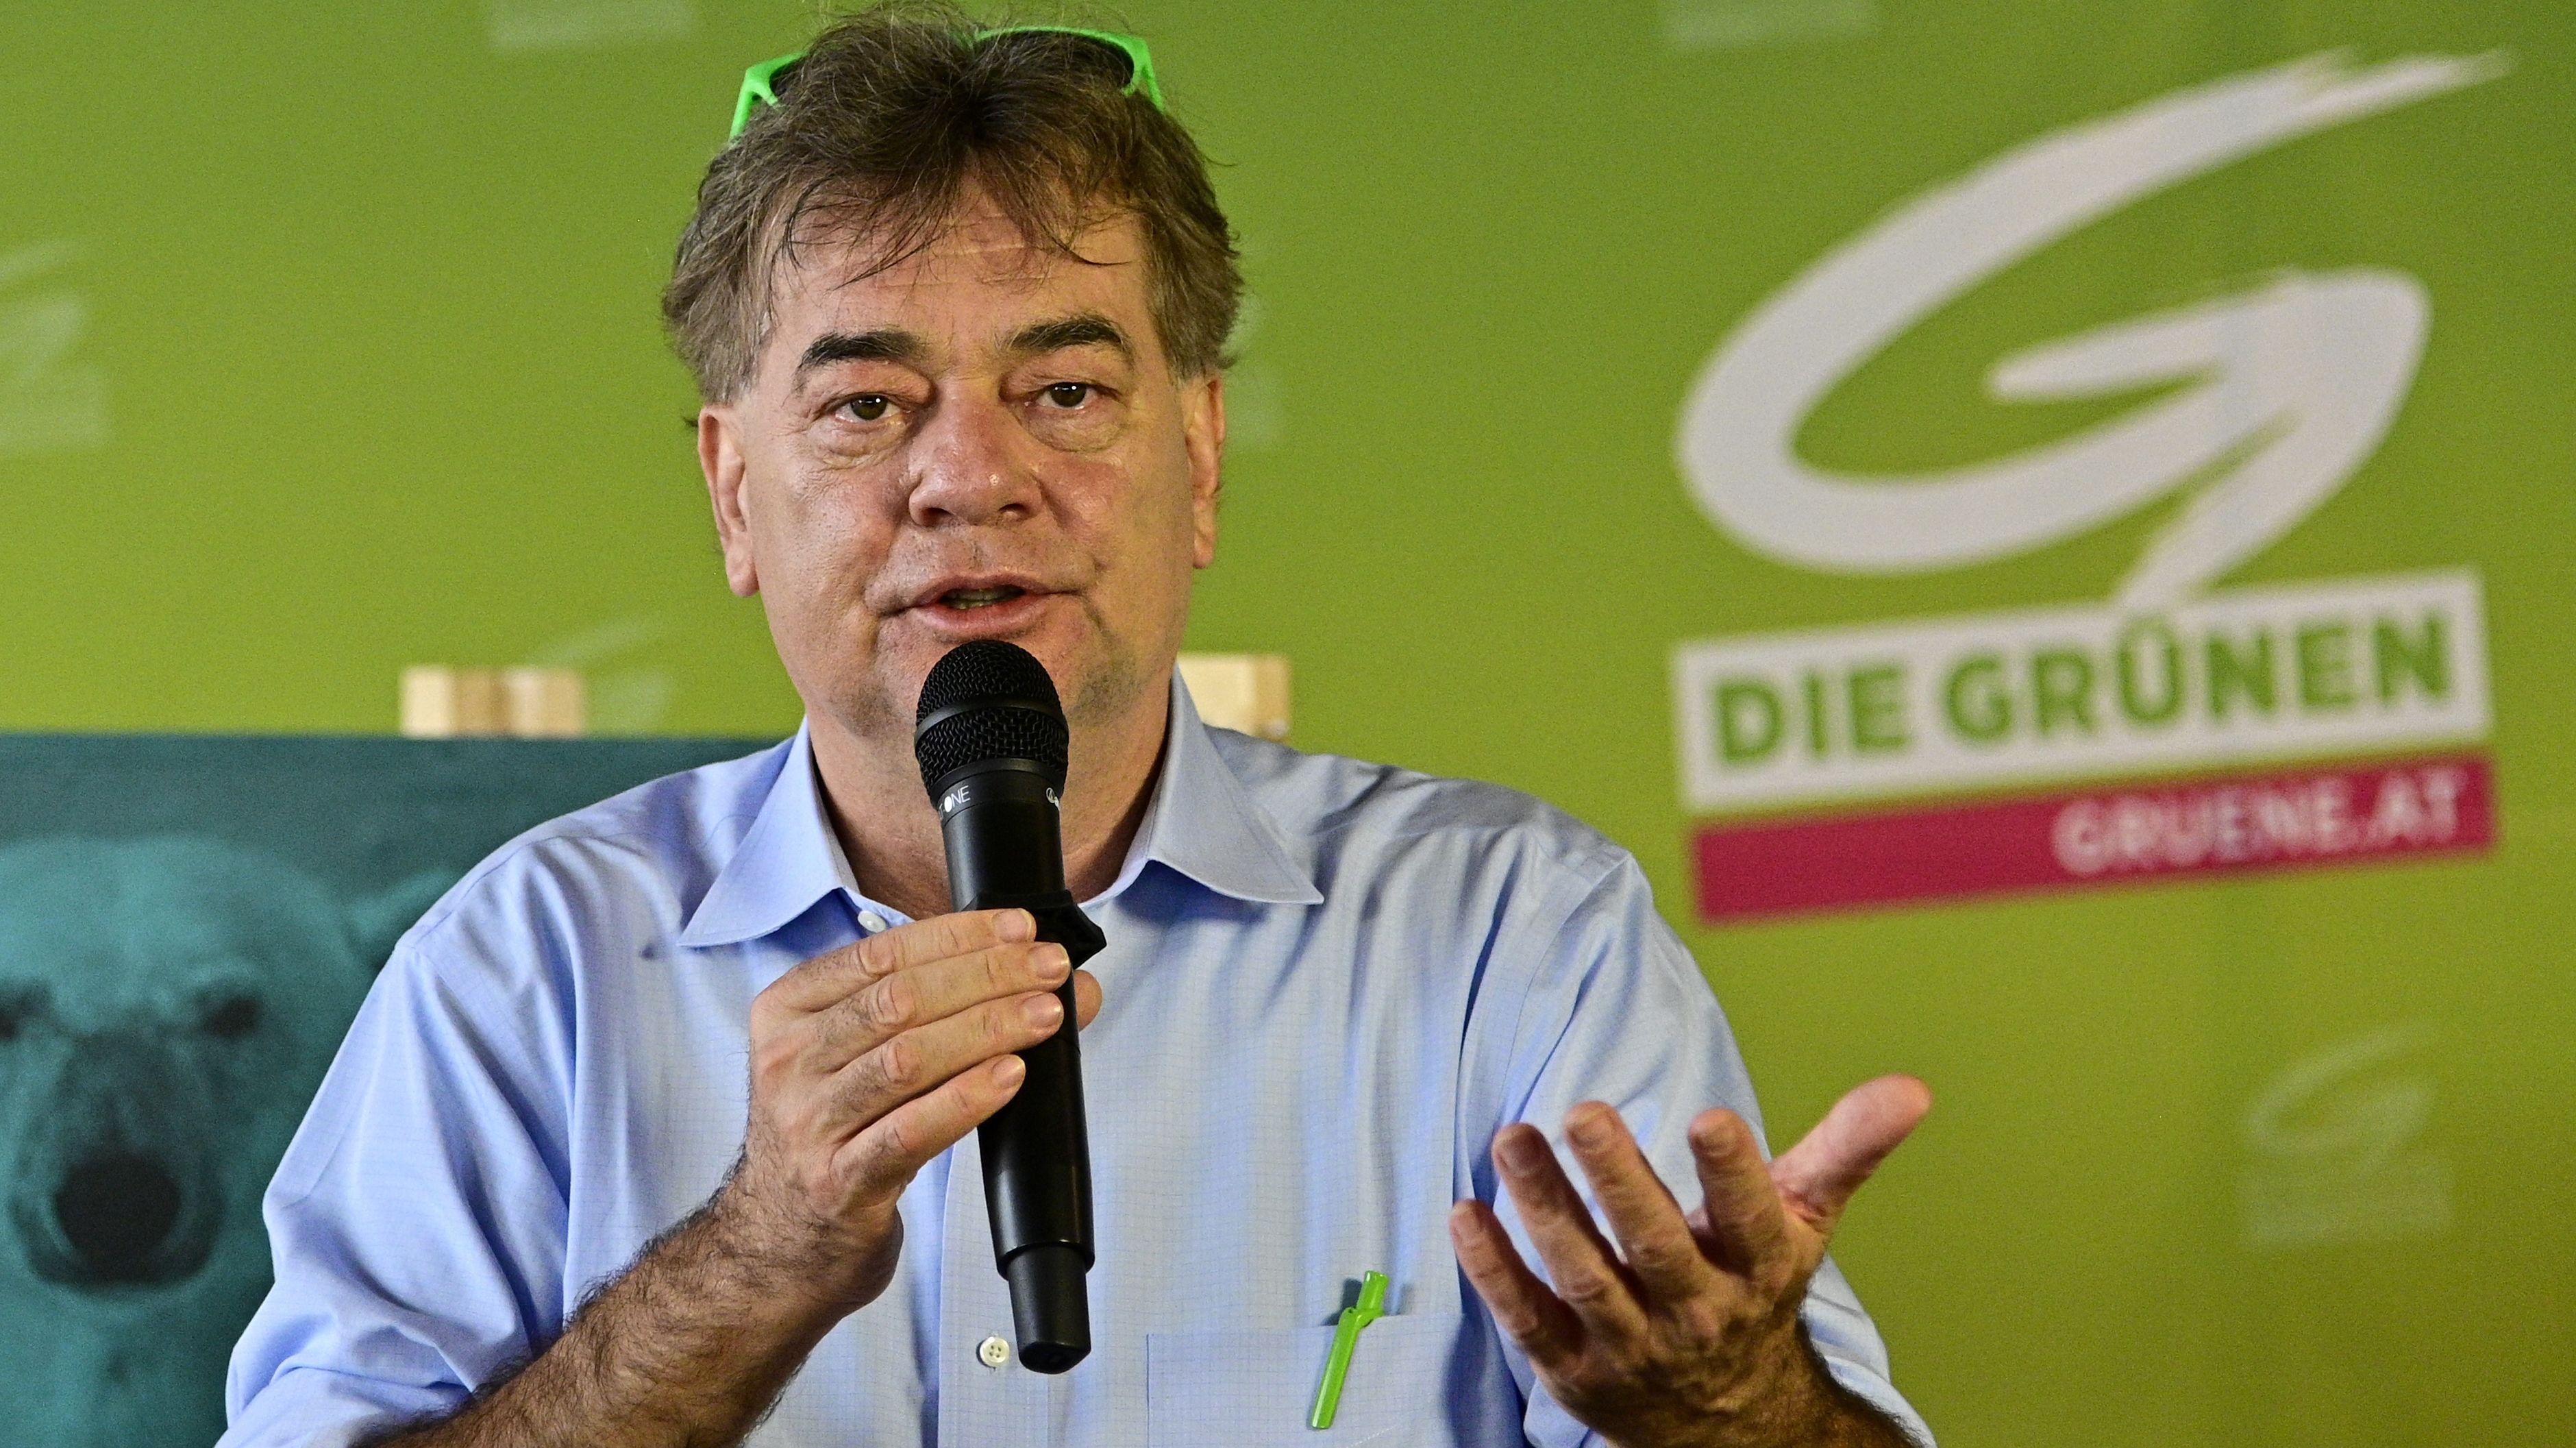 Werner Kogler, Spitzenkandidat der österreichischen Grünen